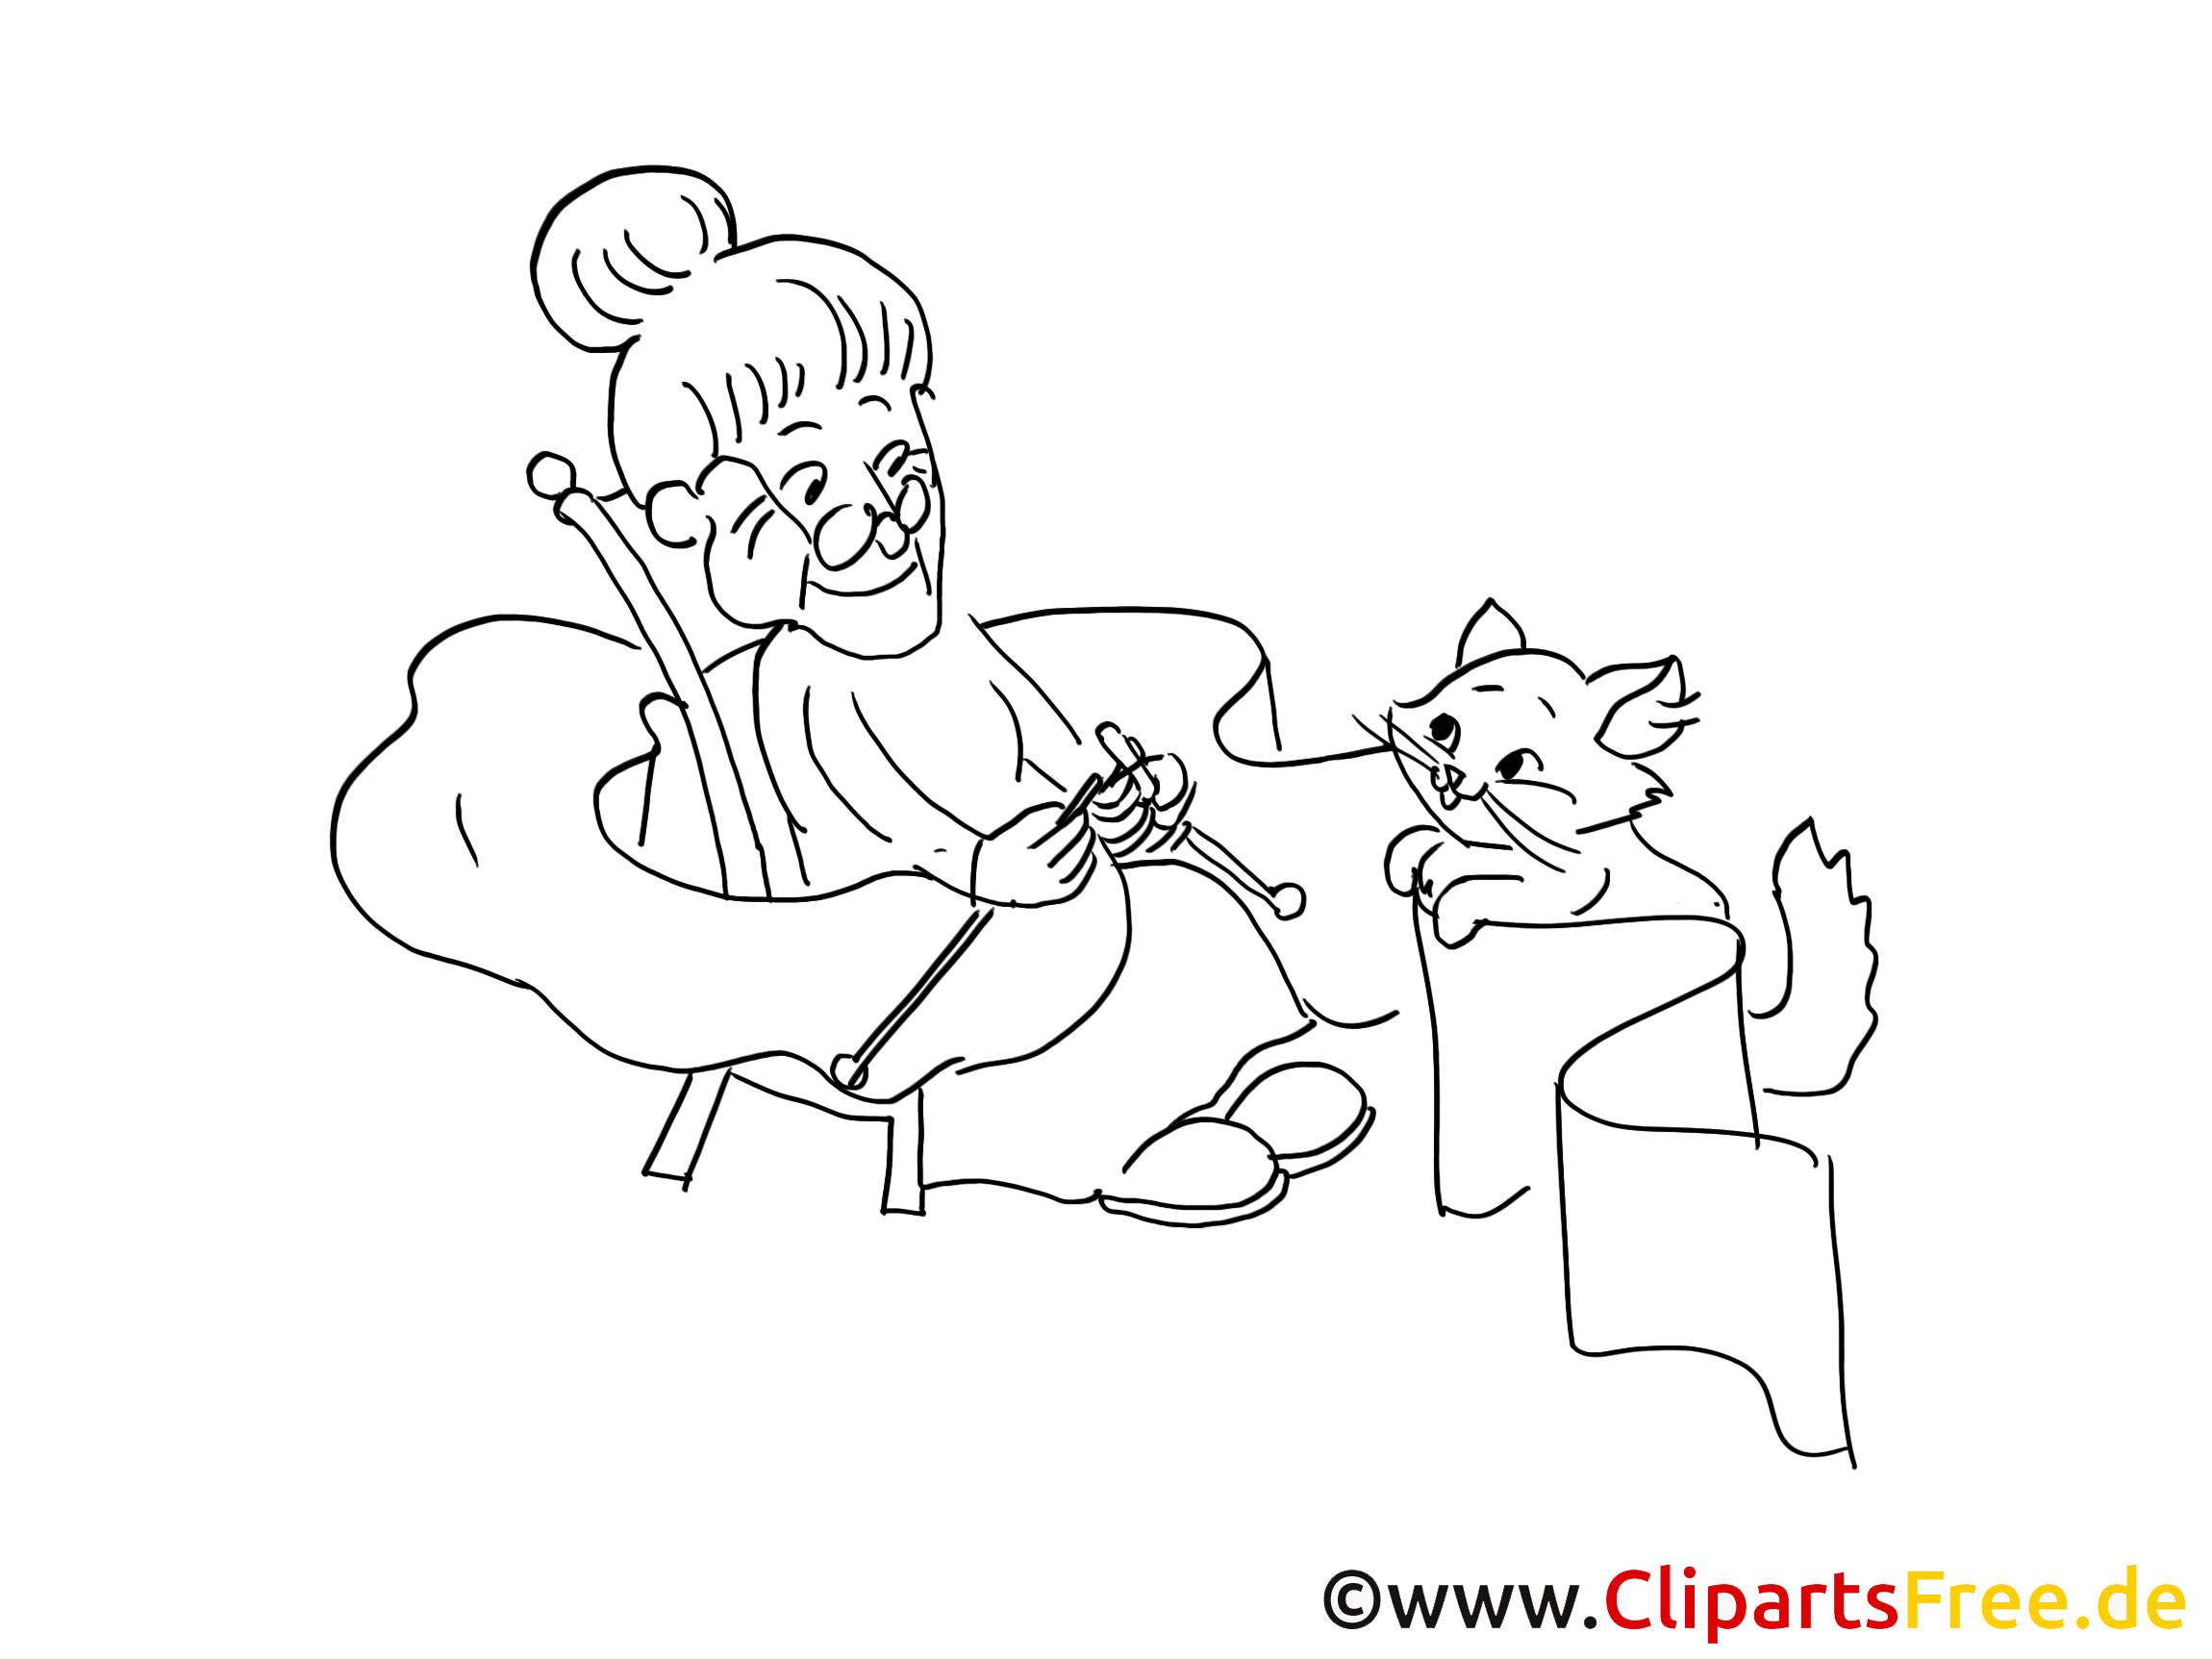 Oma mit Katze Grafik, Bild, Malvorlage zum Ausdrucken